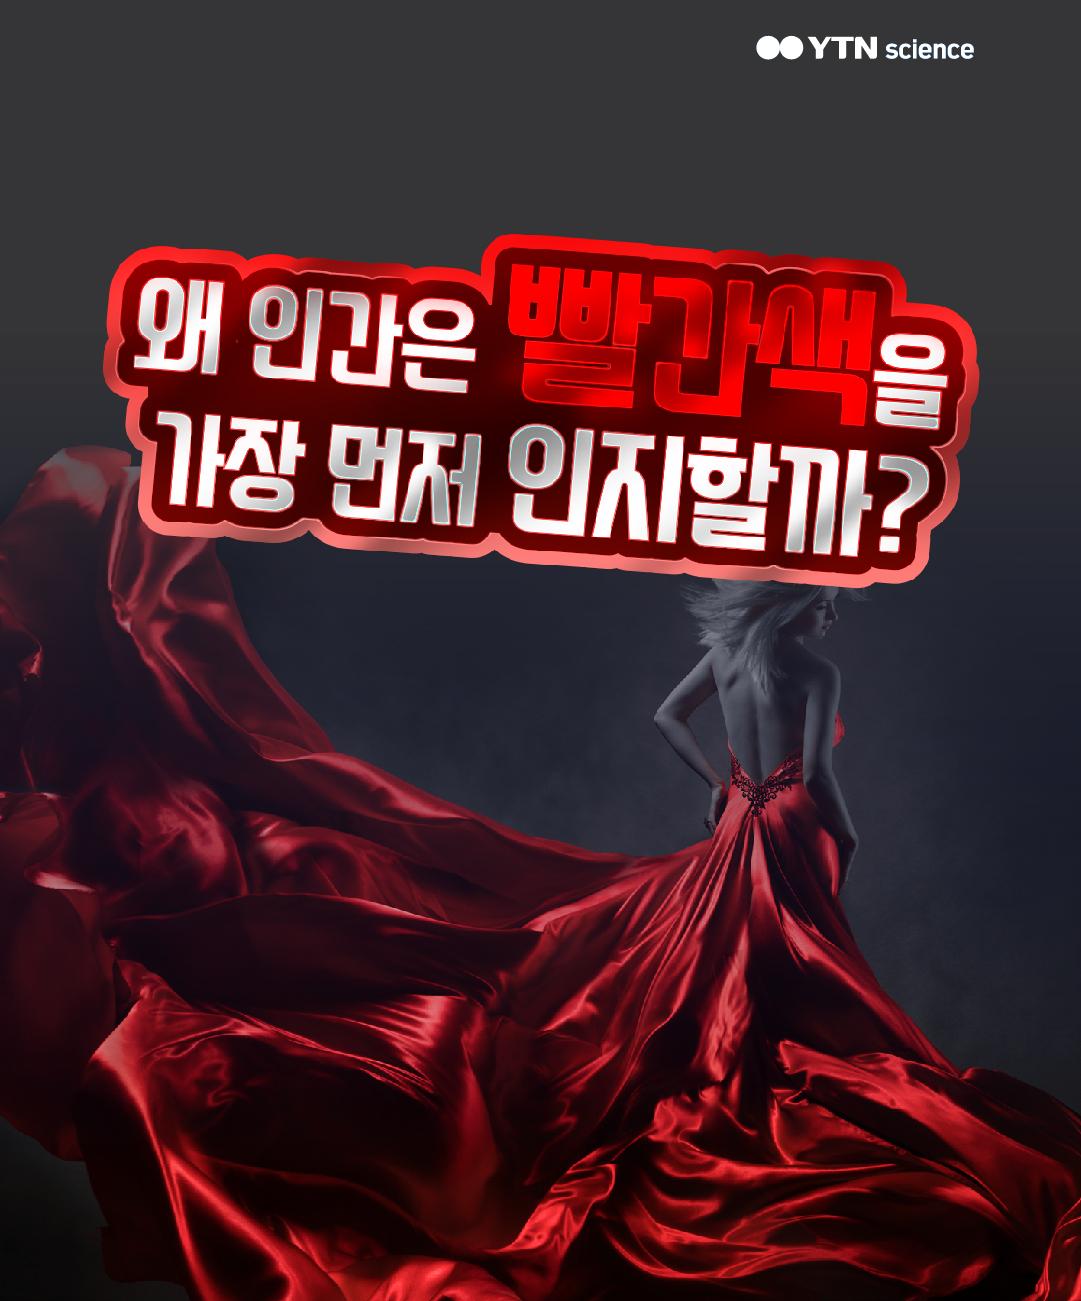 왜 인간은 빨간색을 가장 먼저 인지할까? 이미지